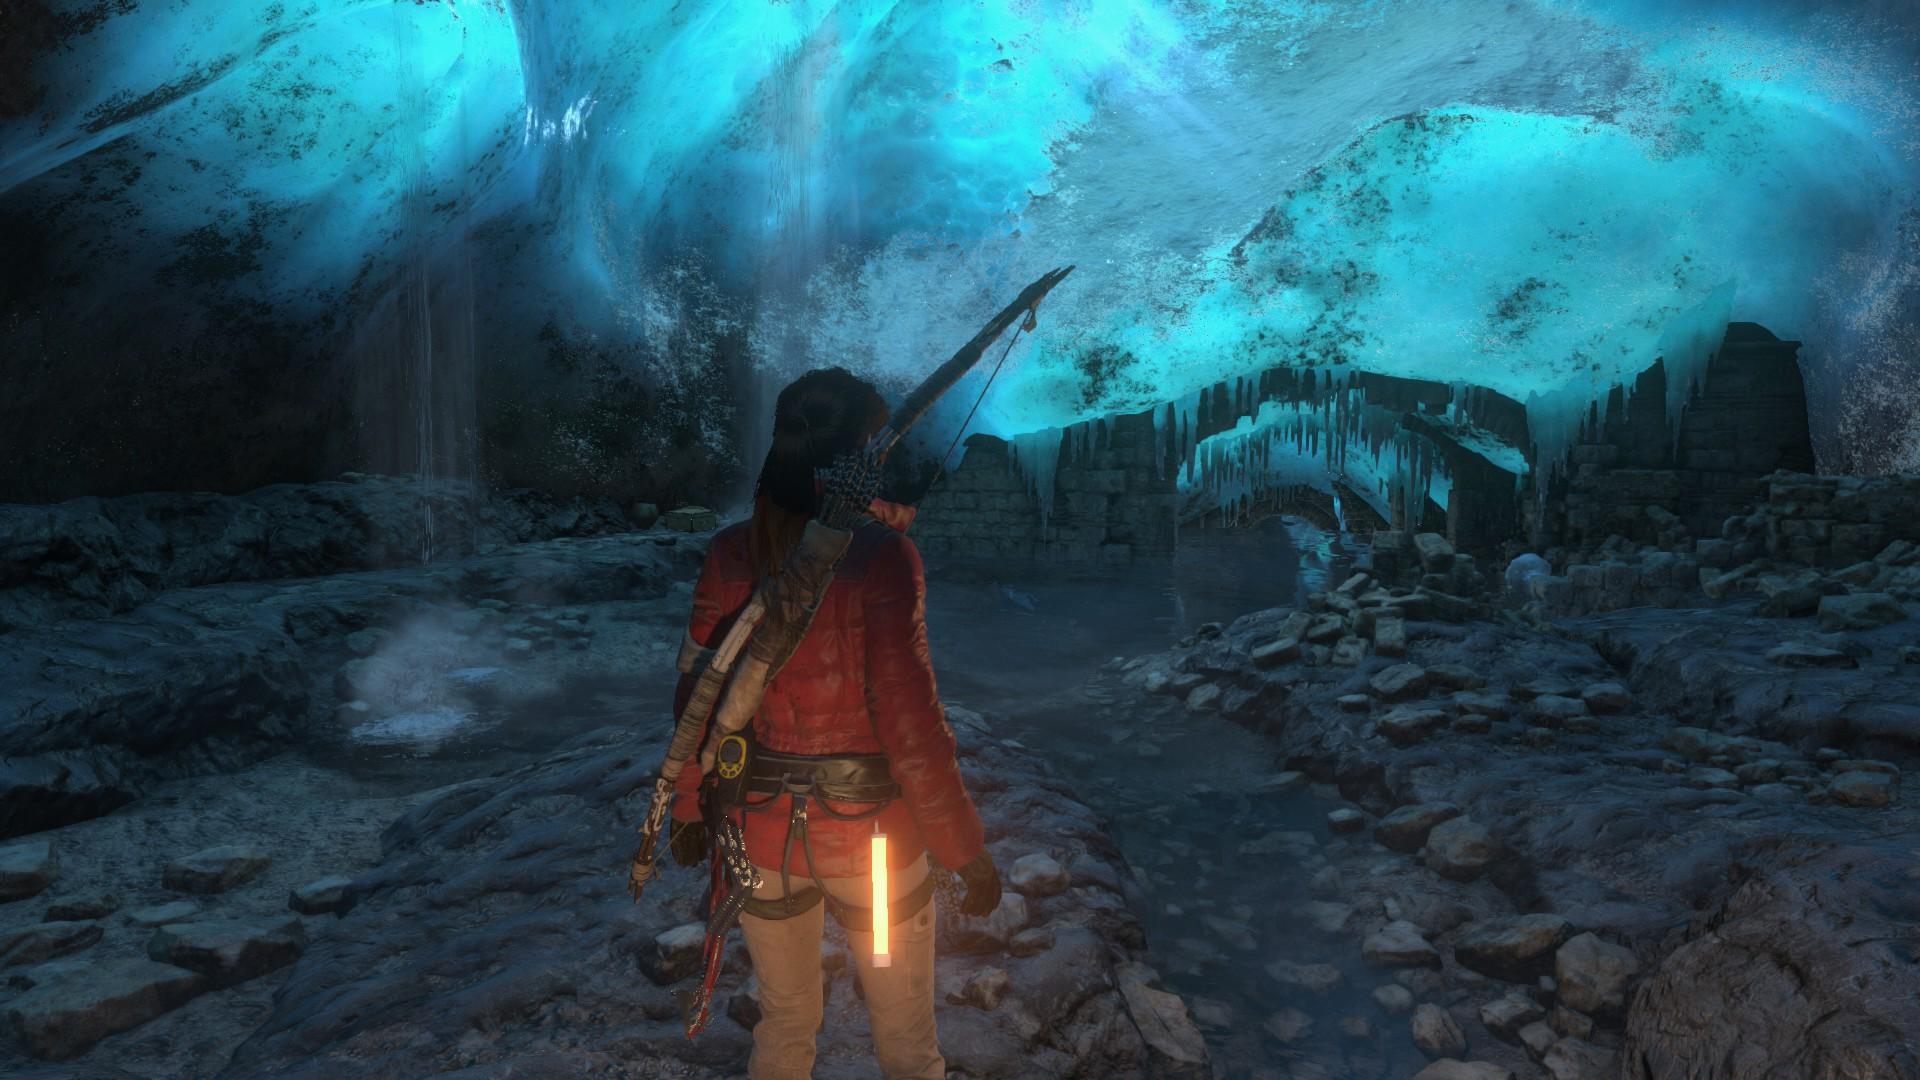 صور أكثر من جنونية للعبة Rise of the Tomb Raider على PC